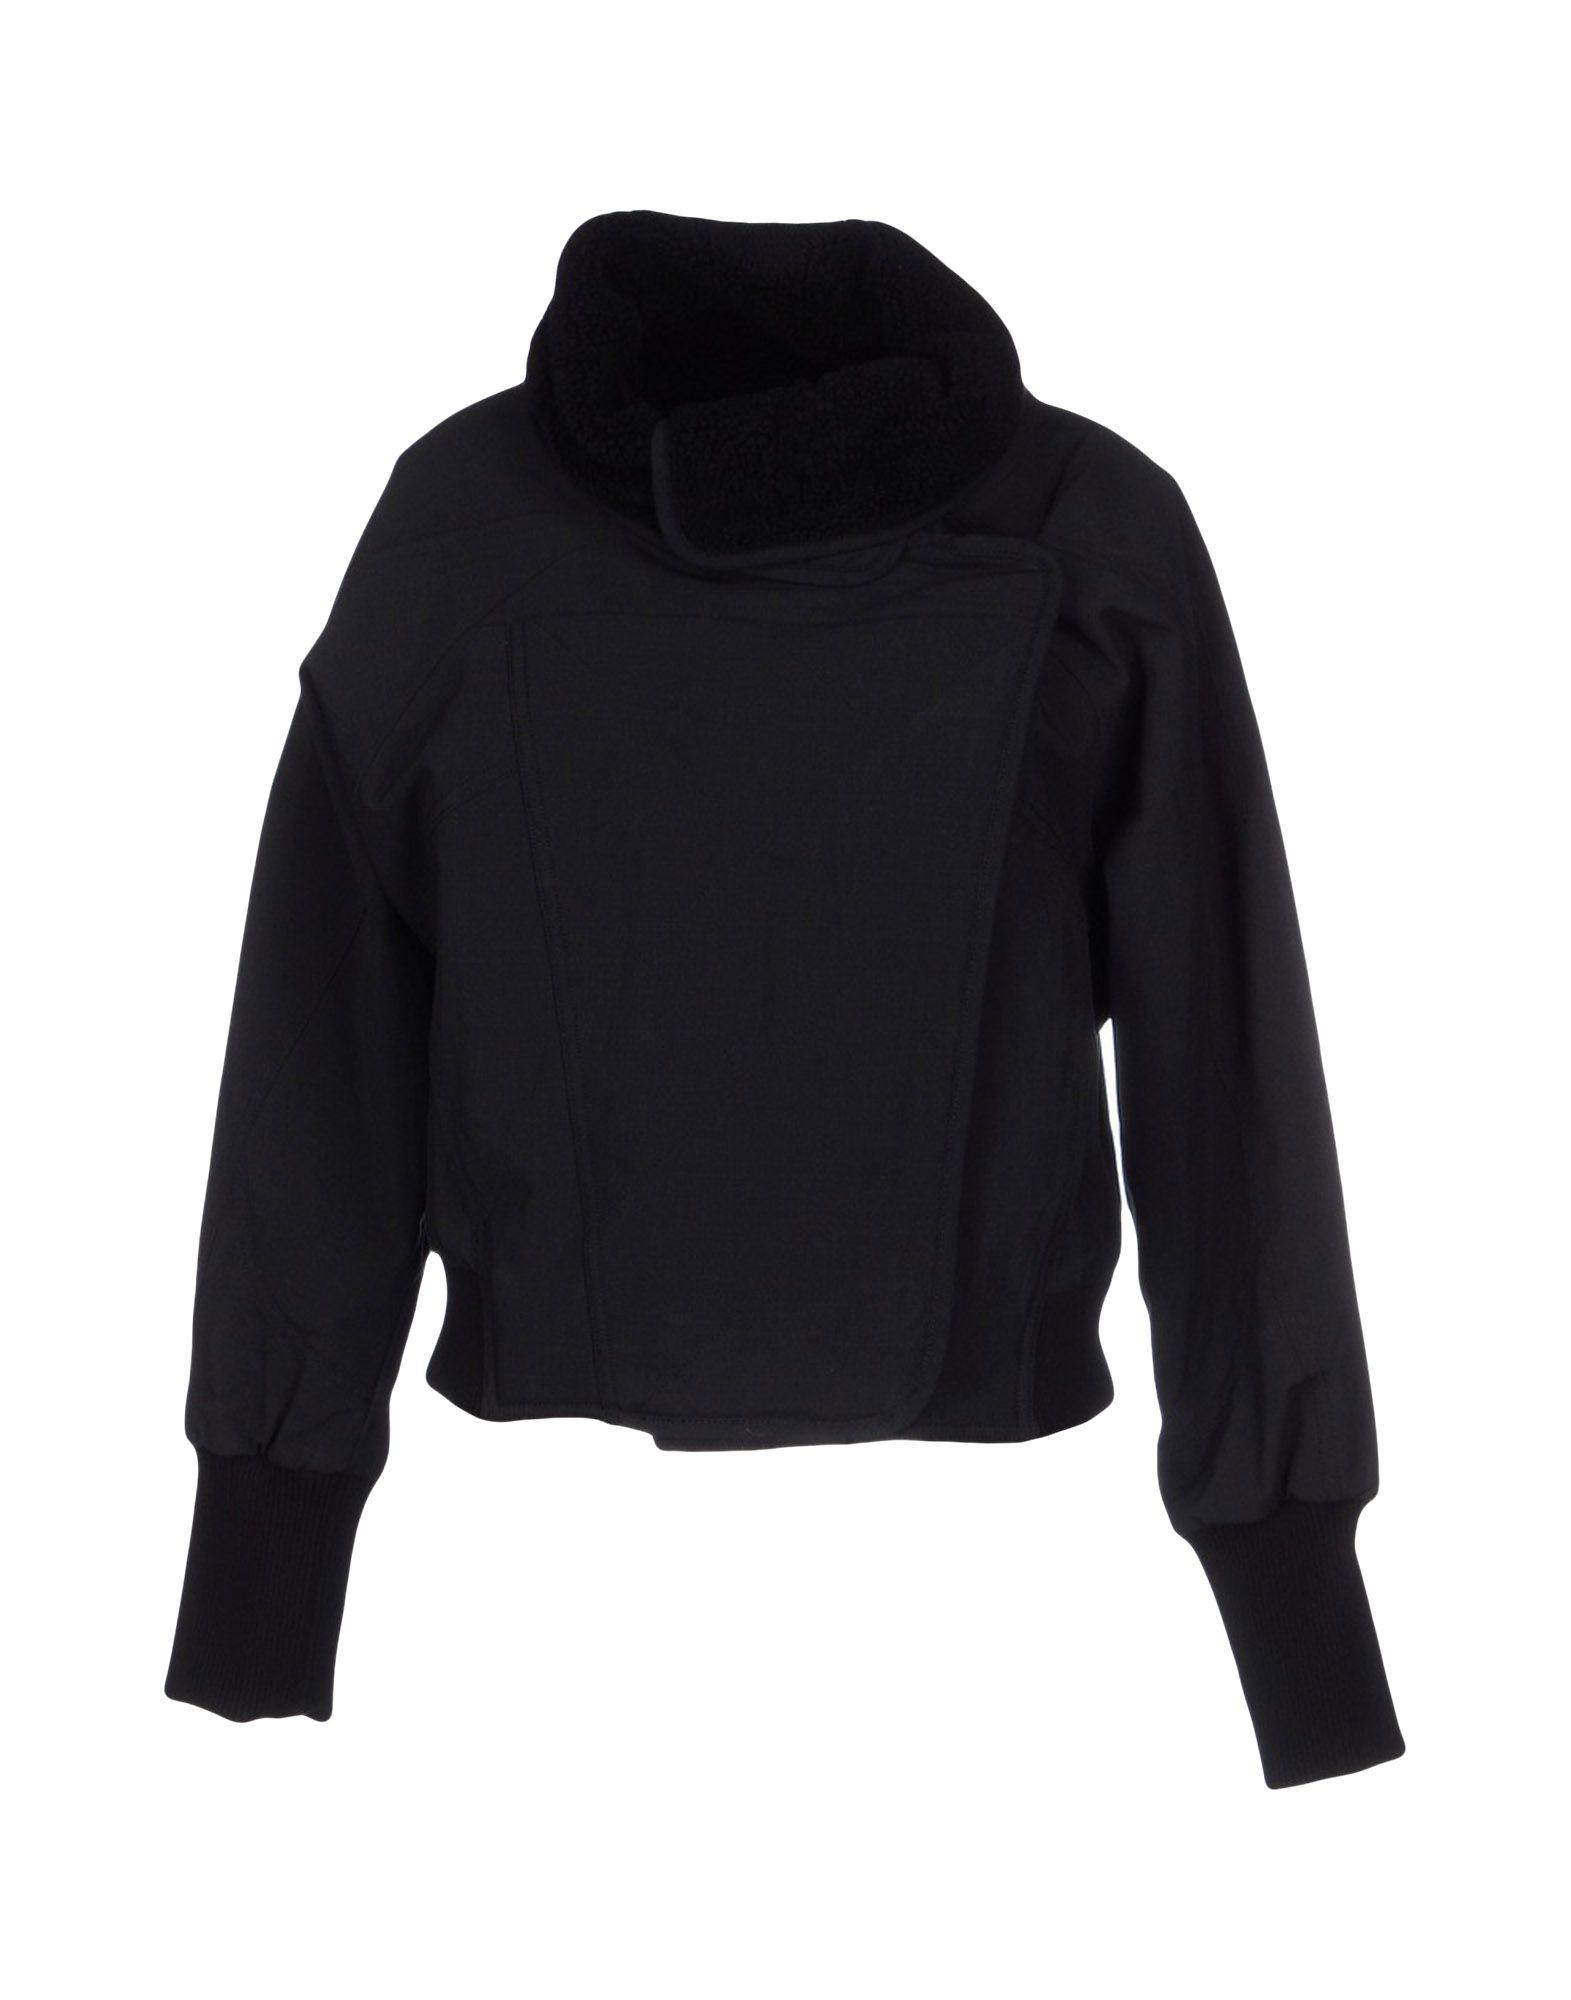 Lyst Adidas By Stella Mccartney Jacket In Black